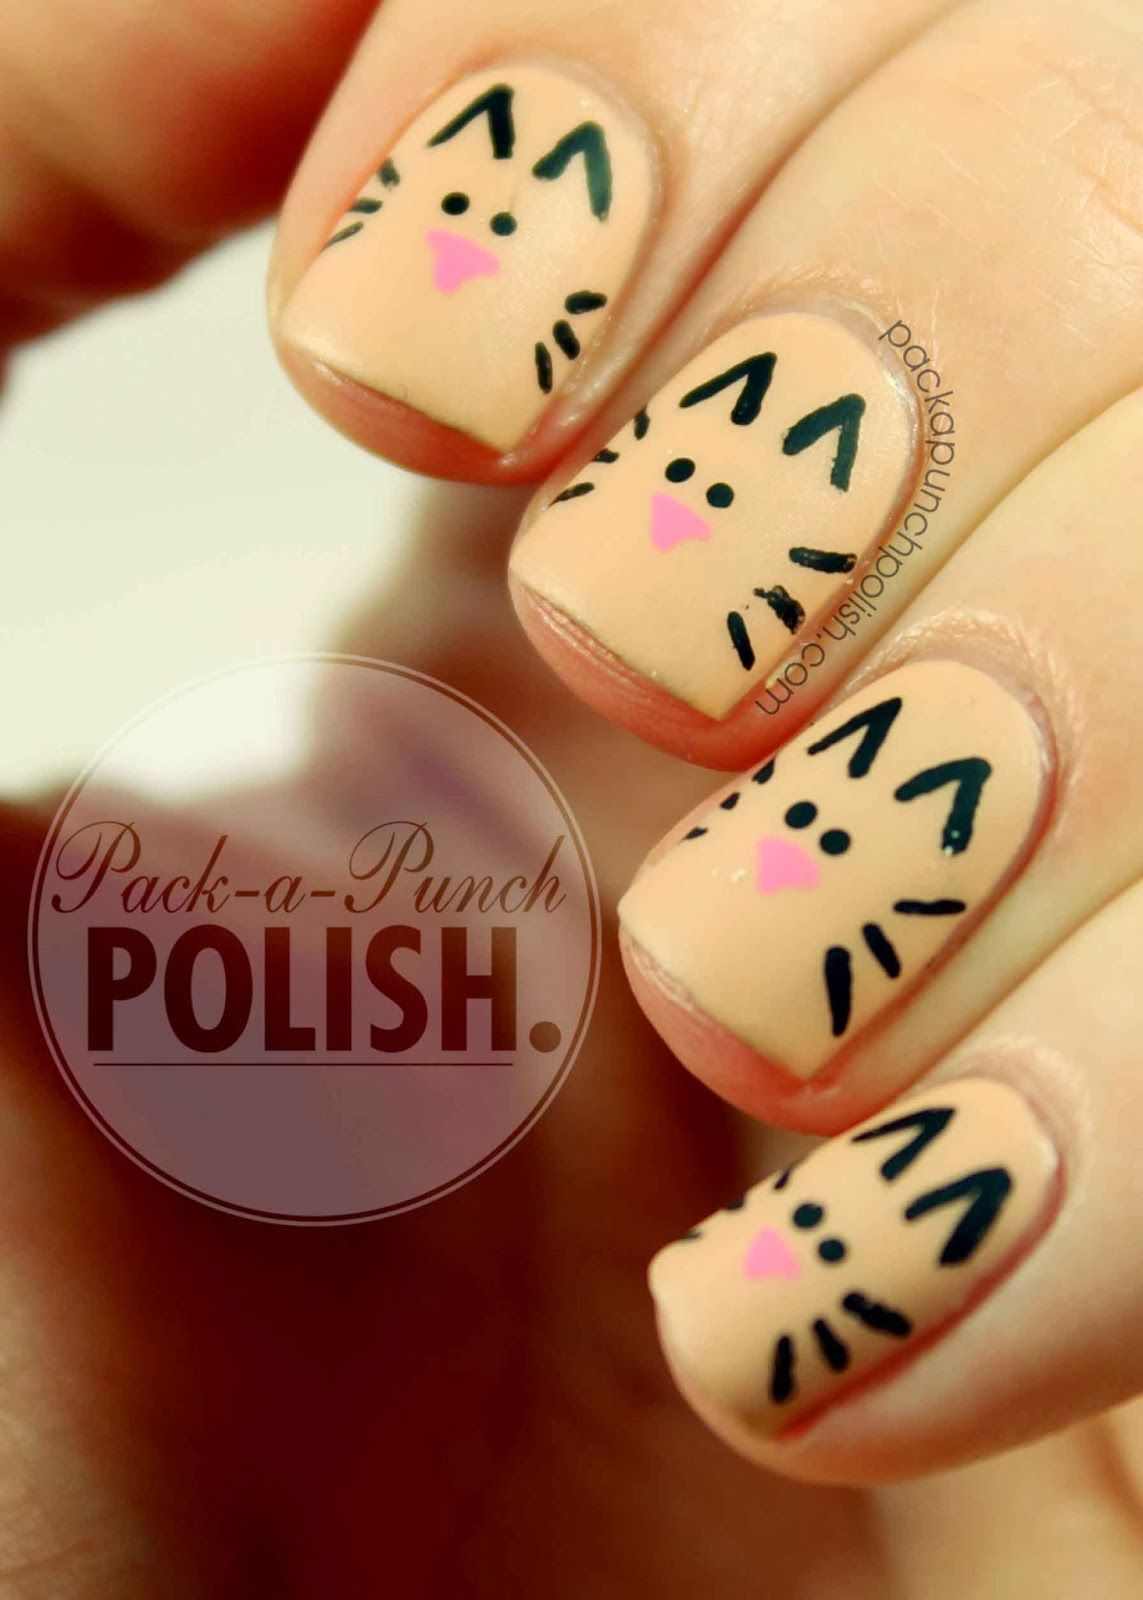 PackAPunchPolish: Simple and Cute Cat Nail Art + Tutorial | PackAPunchPolish